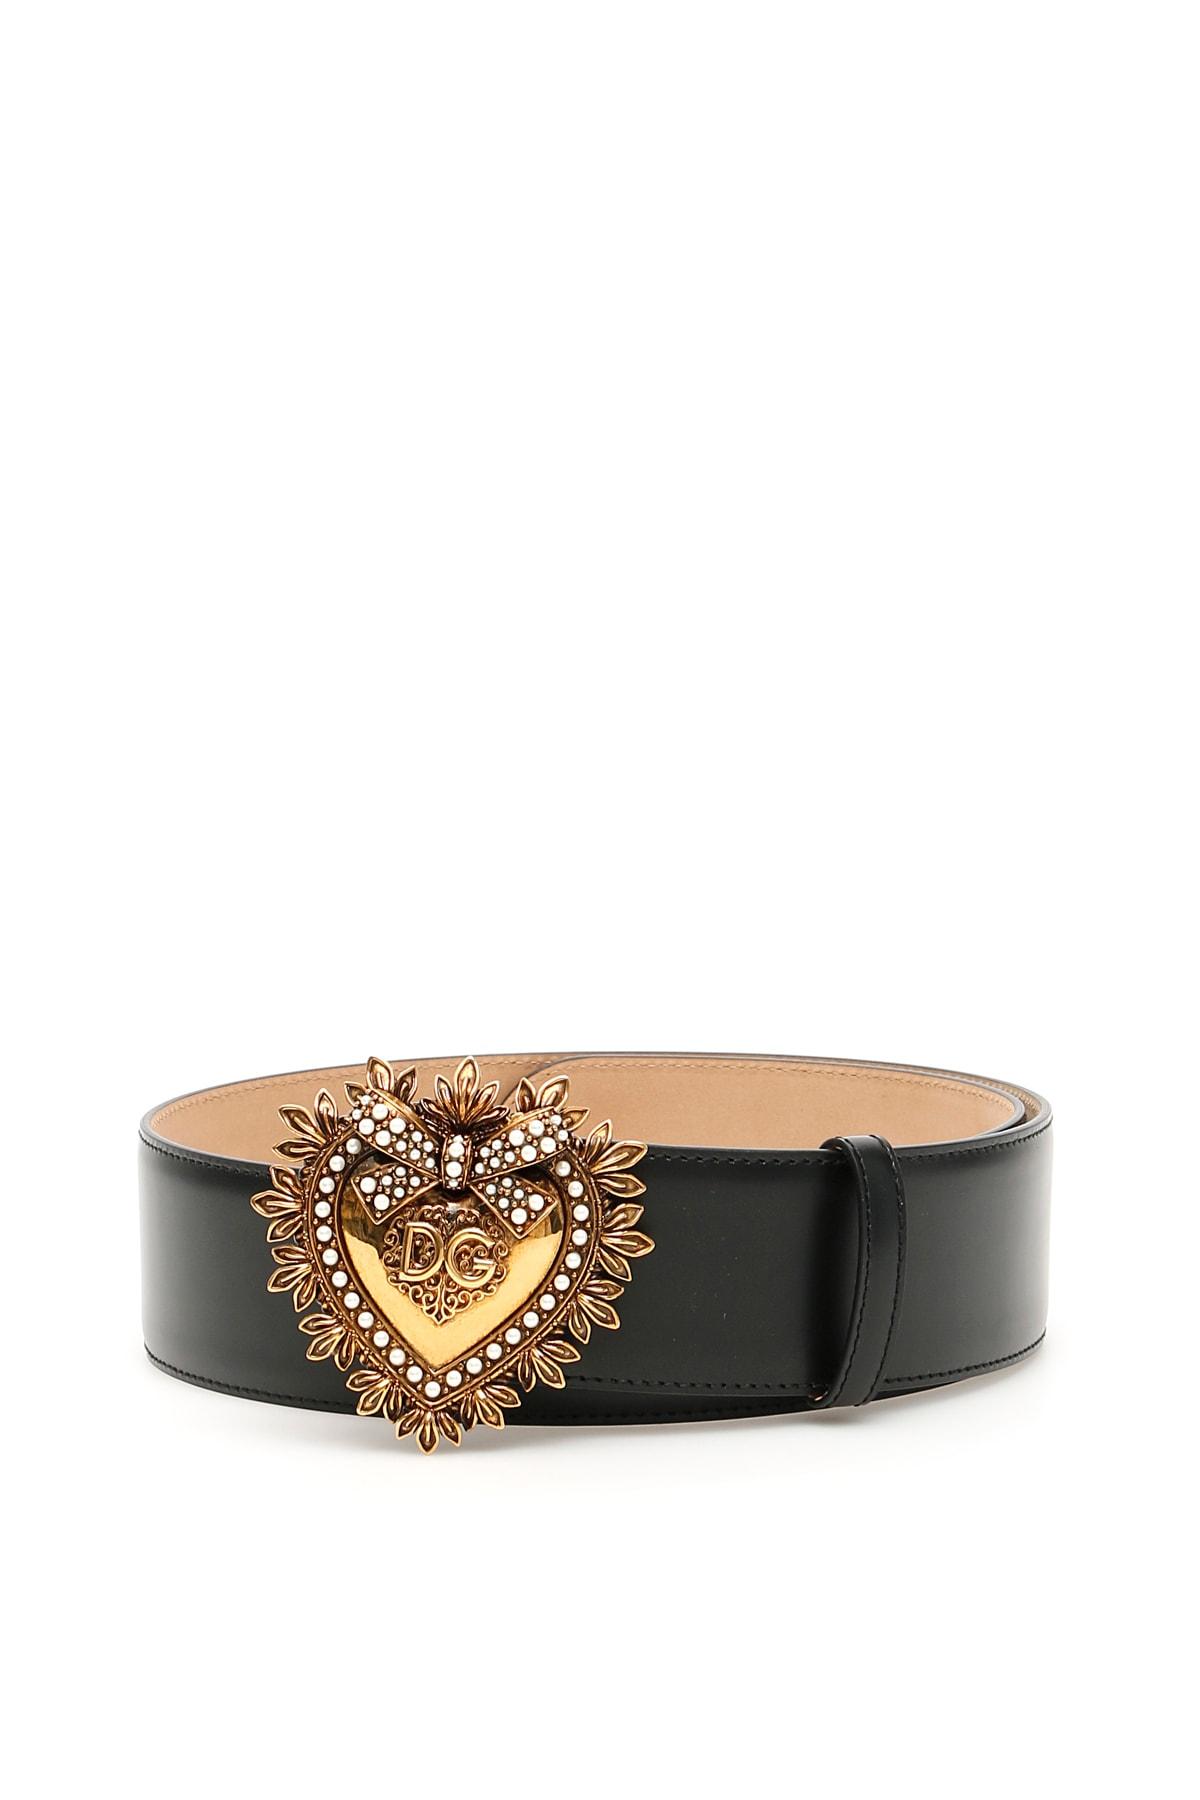 Dolce & Gabbana Belts DEVOTION BELT